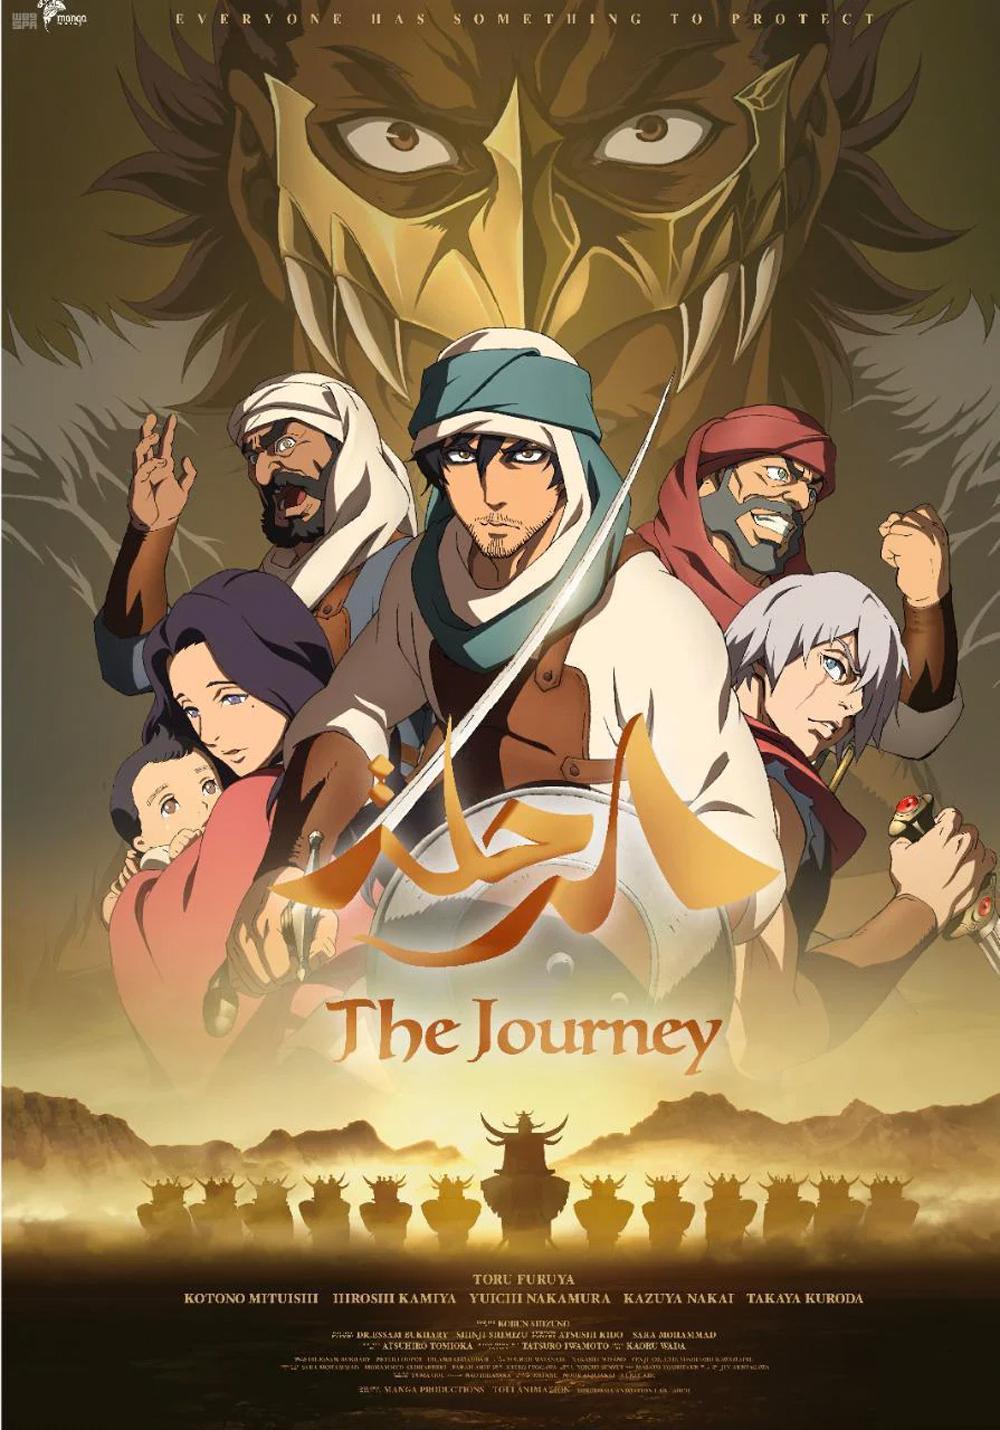 Le Premier Film D'anime Japonais Saoudien Sort Une Bande-annonce - Tech  Tribune France